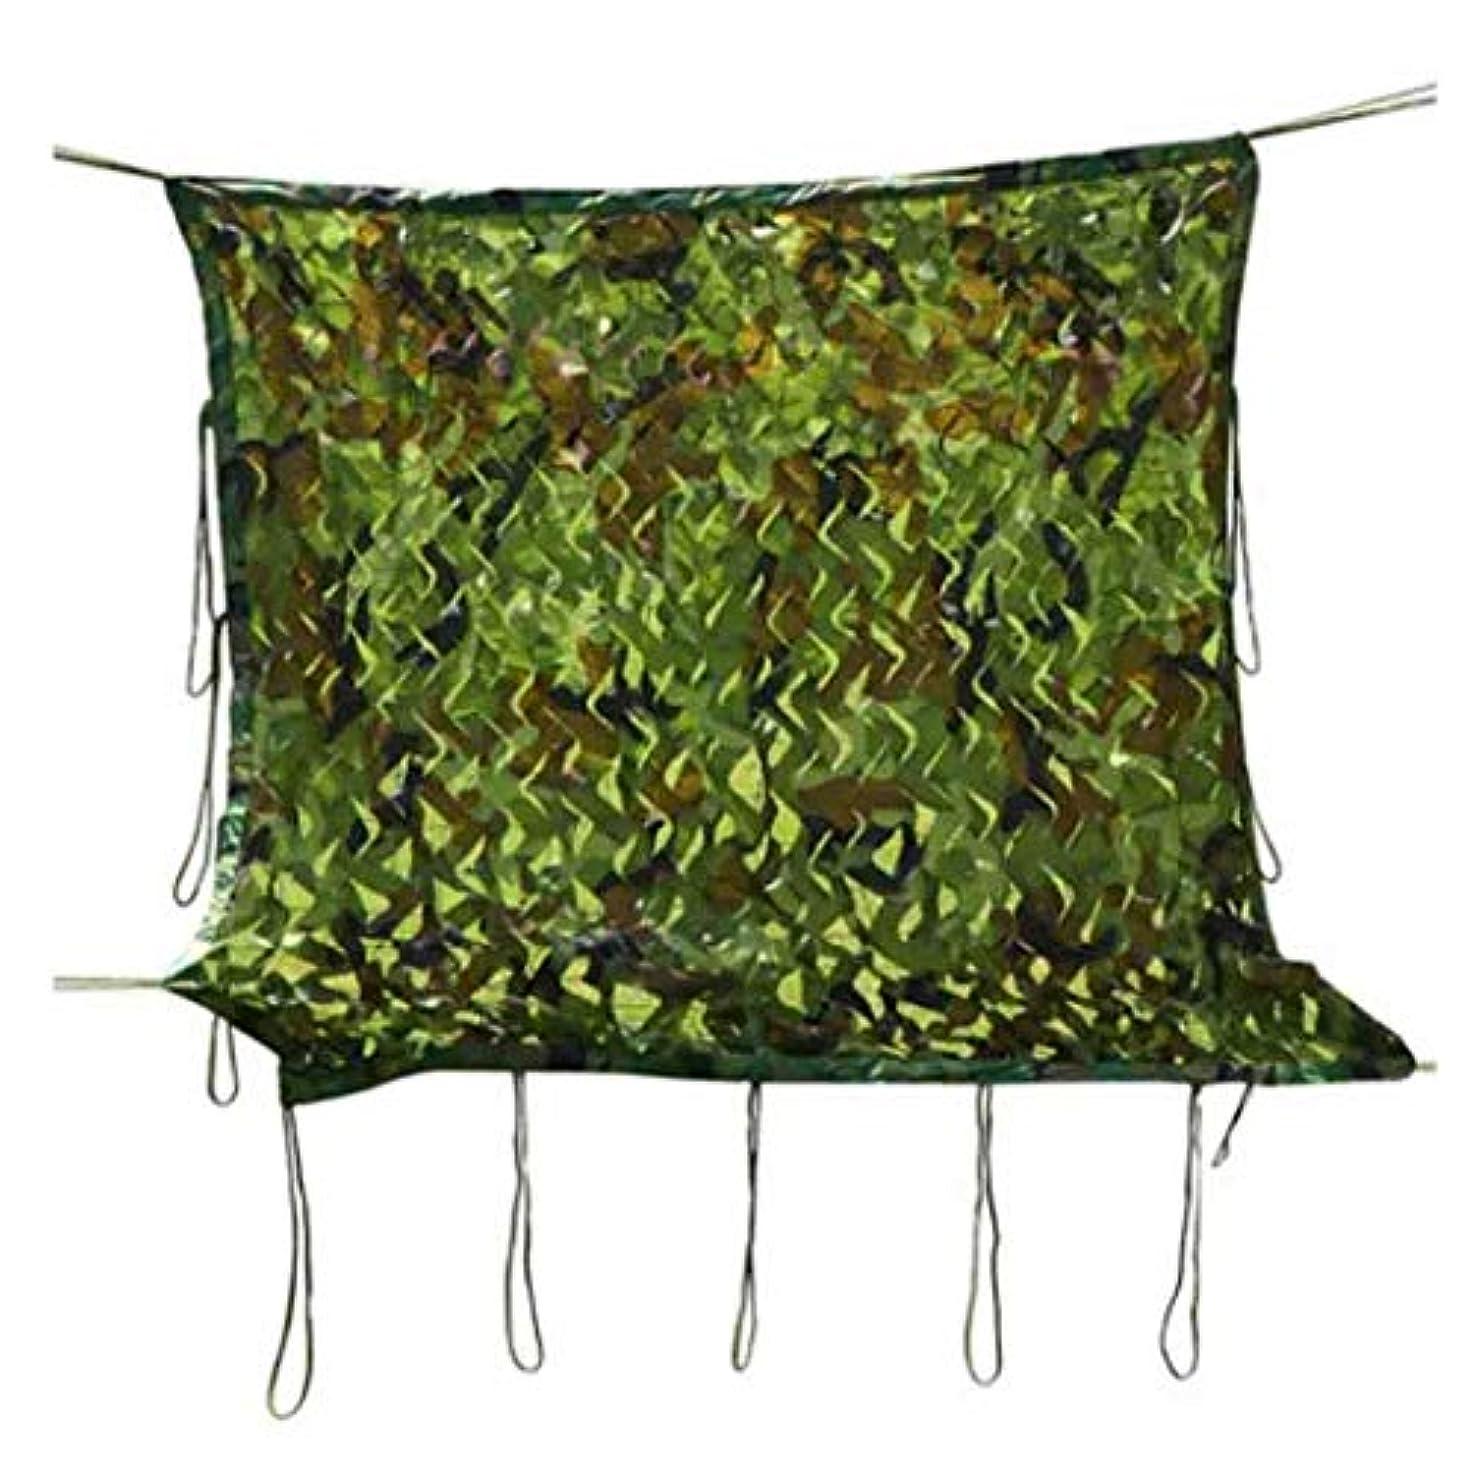 熱心シール散らすHSBAIS 軍事 迷彩柄 カモフラージュネット 偽装網、遮光ネット ウッドランド キャンプ 射撃 ハンティング 隠蔽に最適です,Army Green_2x3m(7x10ft)